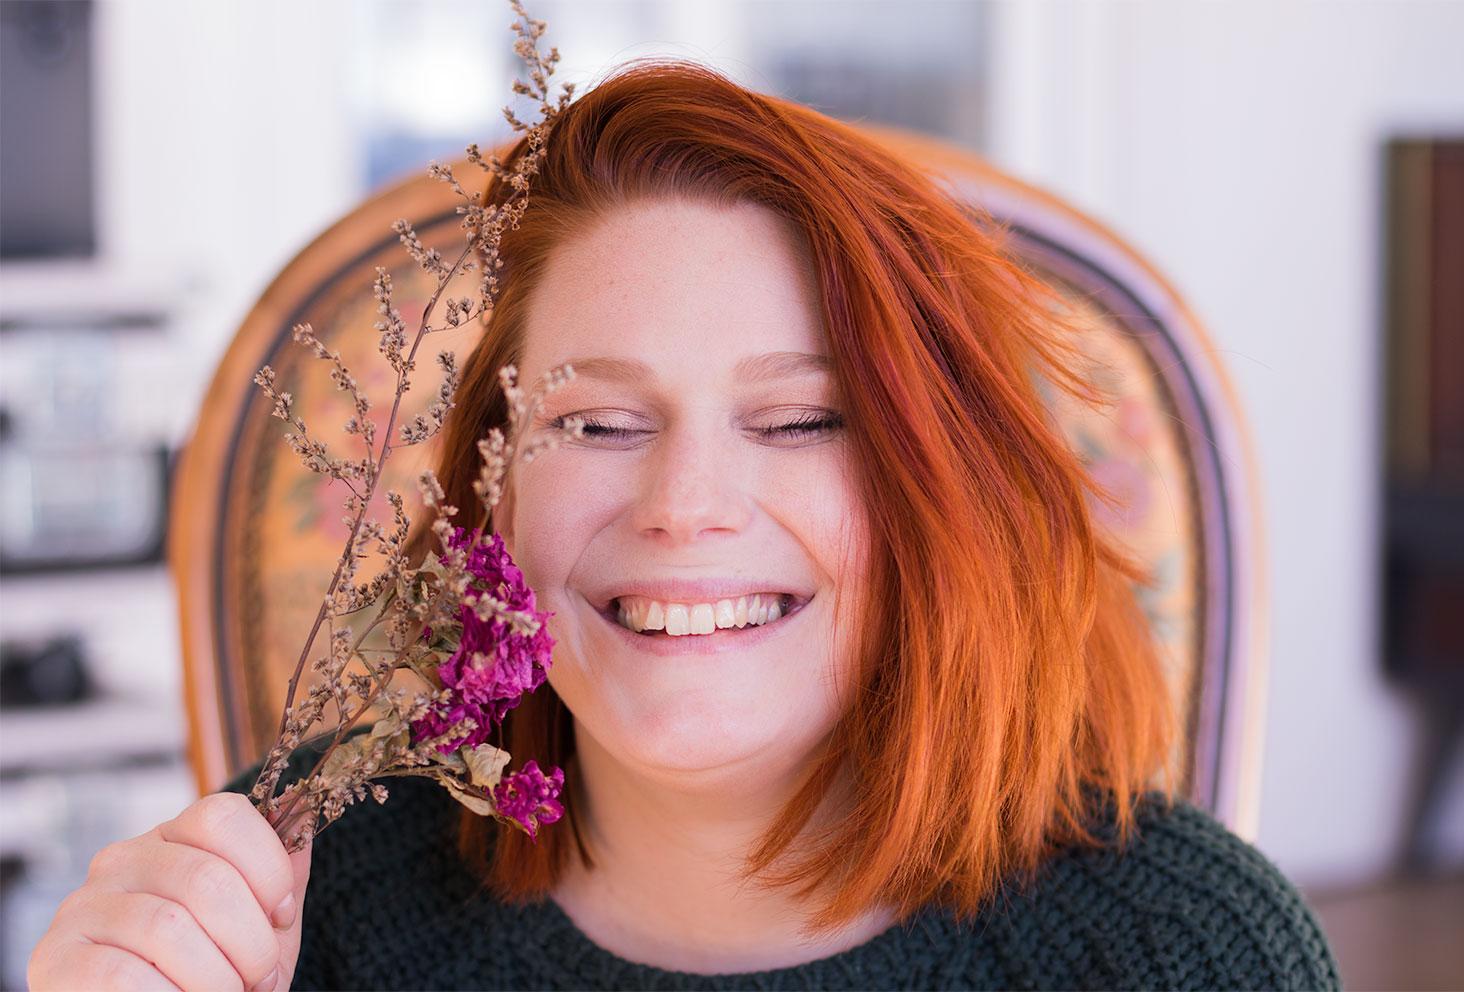 Fou rire avec un bouquet de fleurs sèches dans la main, pour le make-up réalisé avec la palette Soft Glam